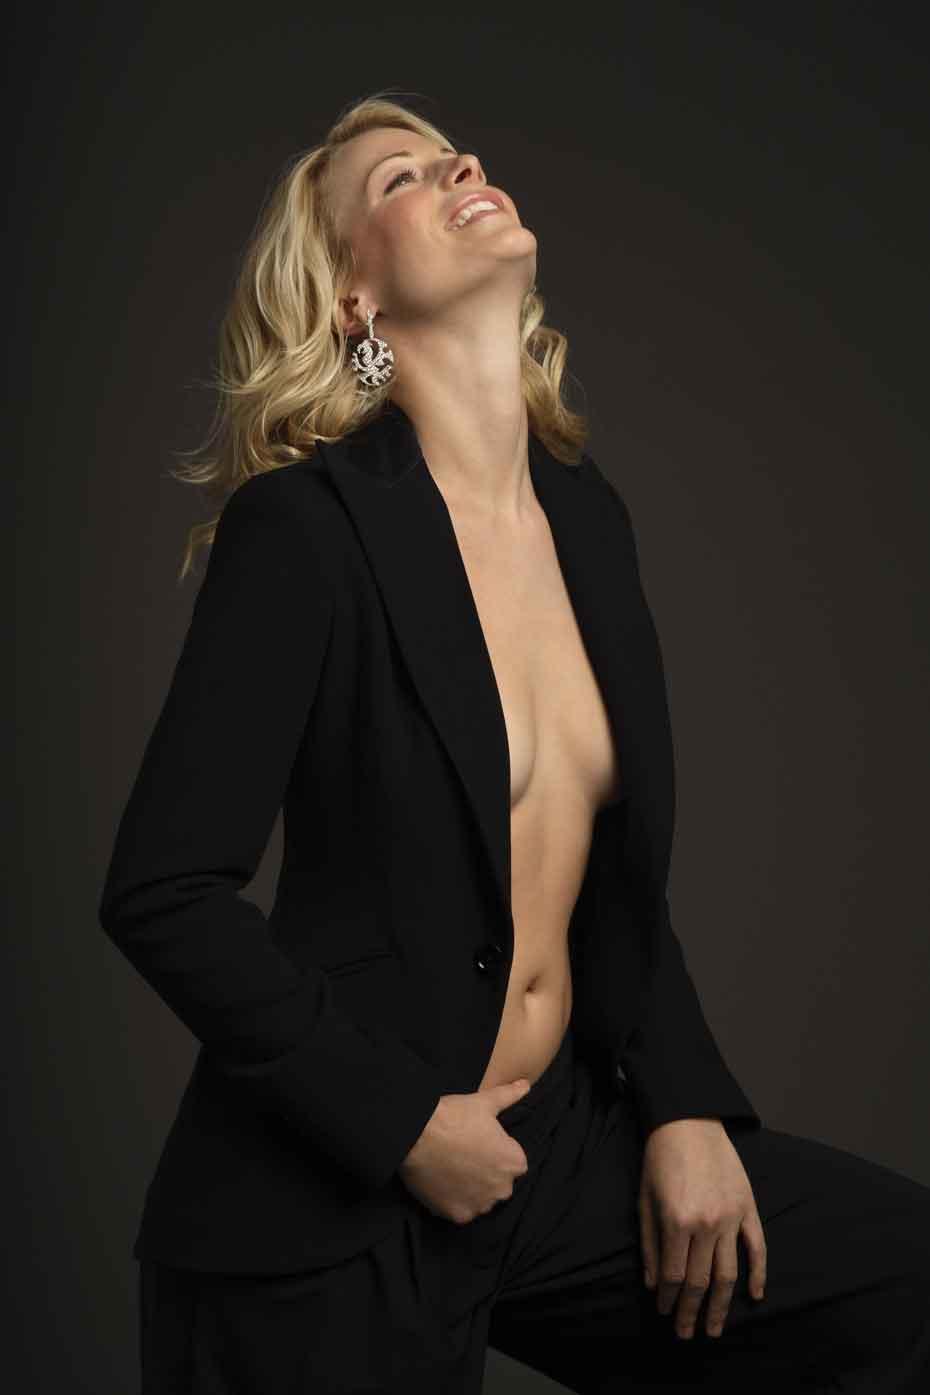 Hot Naked Actress Pics